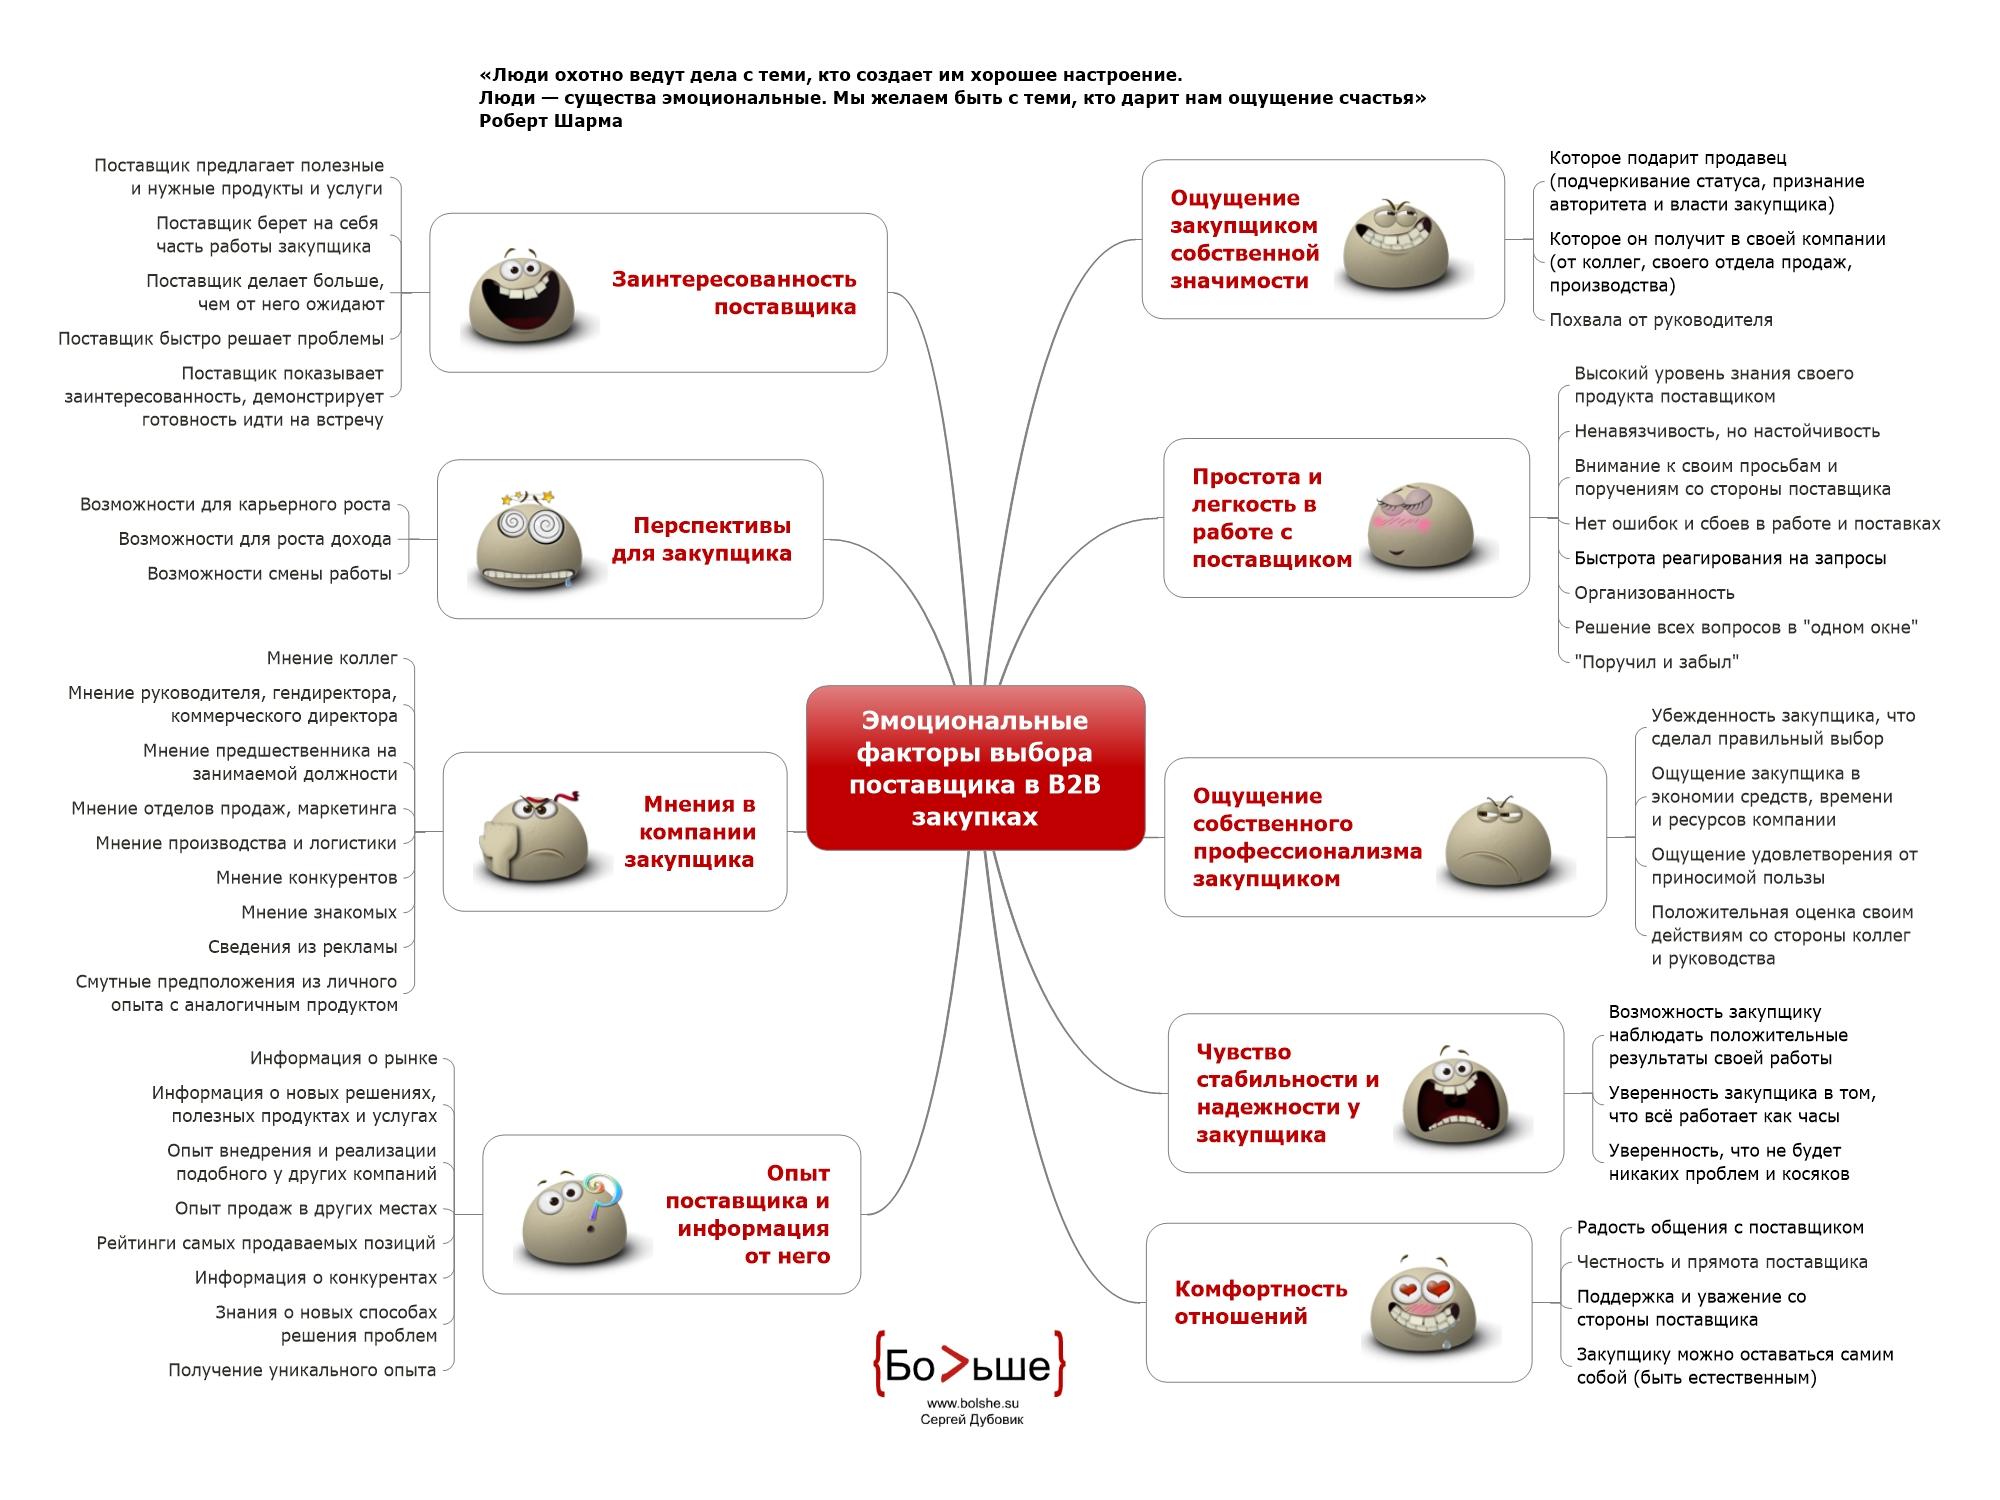 Эмоциональные факторы выбора поставщика в В2В закупках